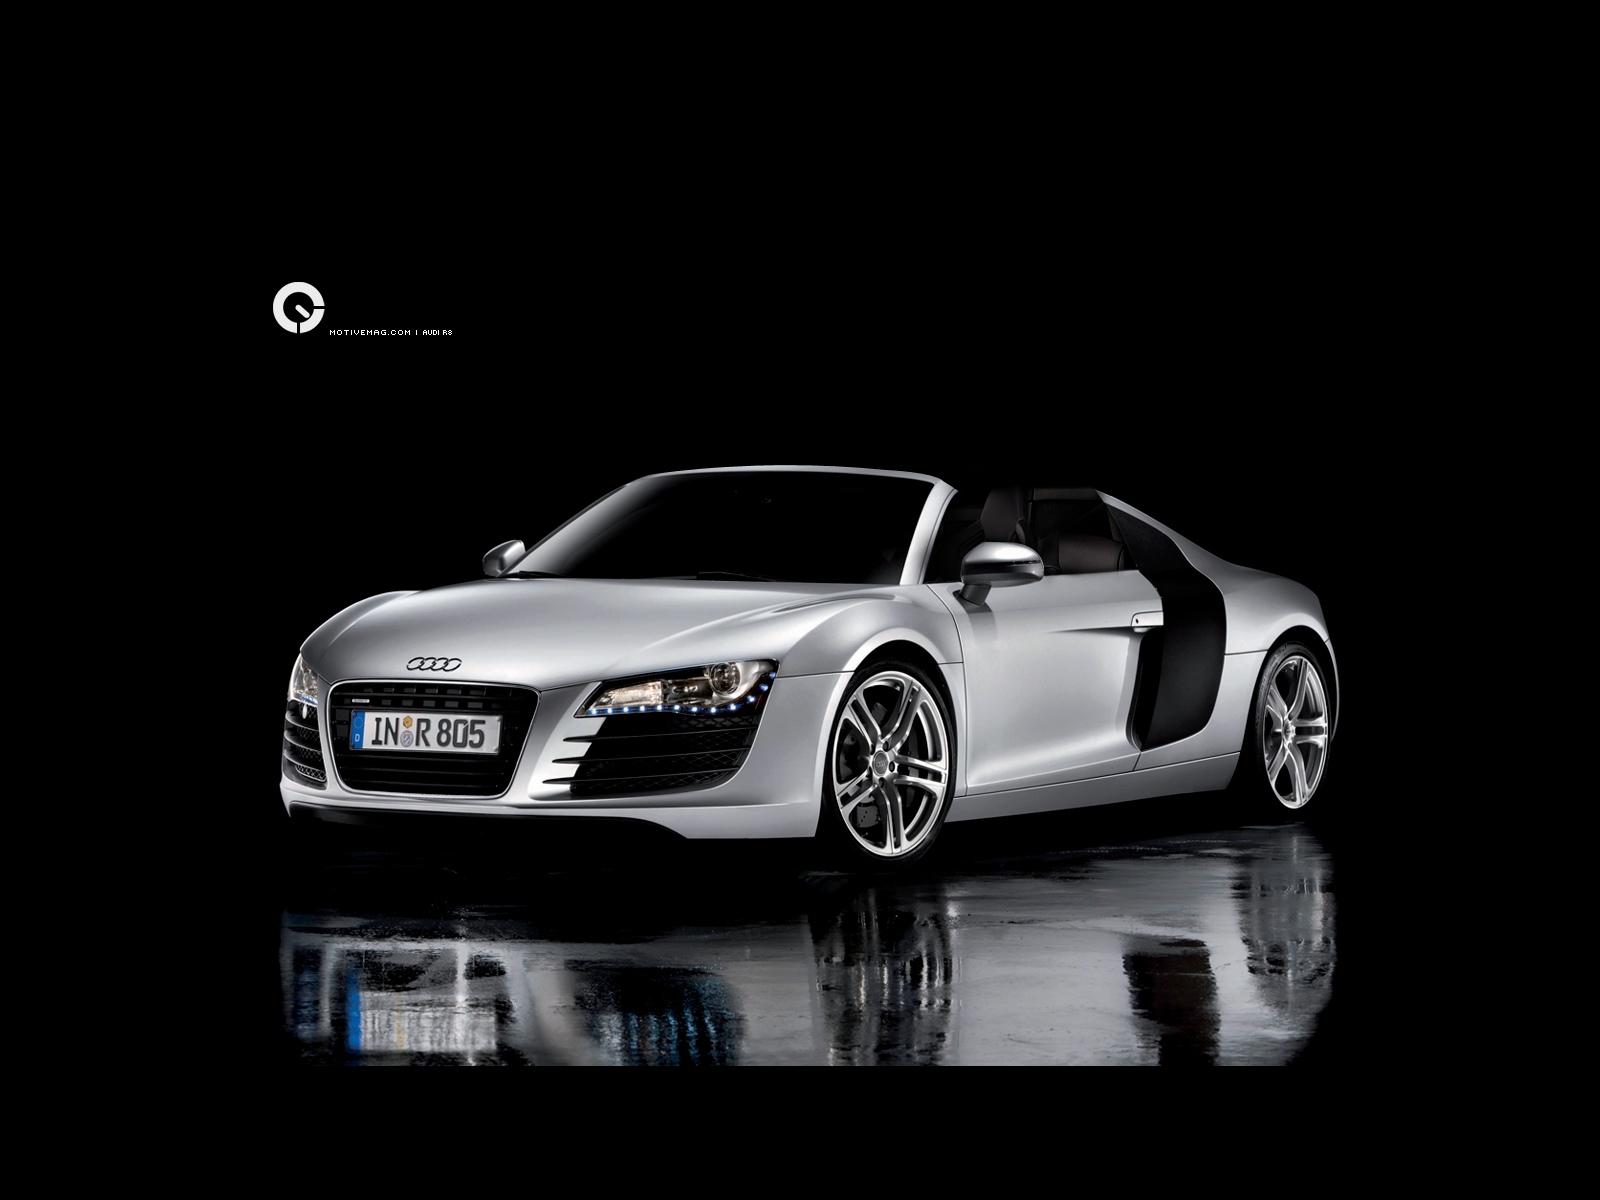 http://2.bp.blogspot.com/_V6TVDECge74/TGZ--4FGoXI/AAAAAAAABAc/30BJUkdYWY8/s1600/Audi-R8-Convertible.jpg